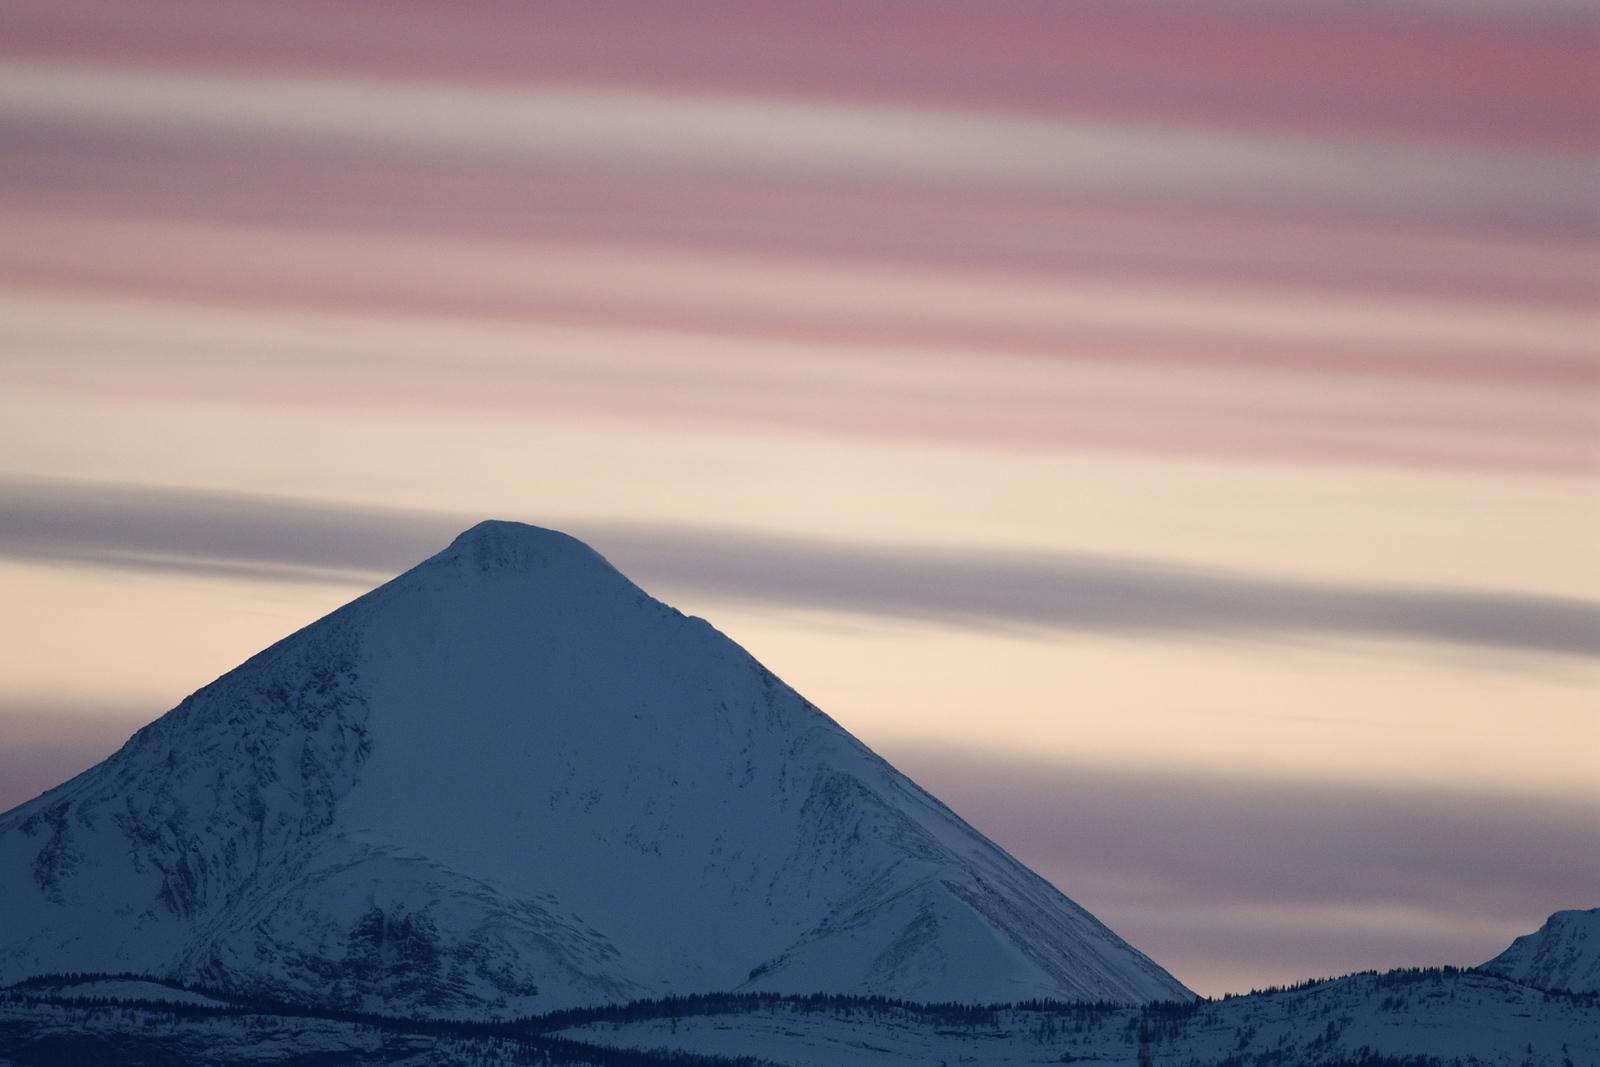 Pyramid Mountain